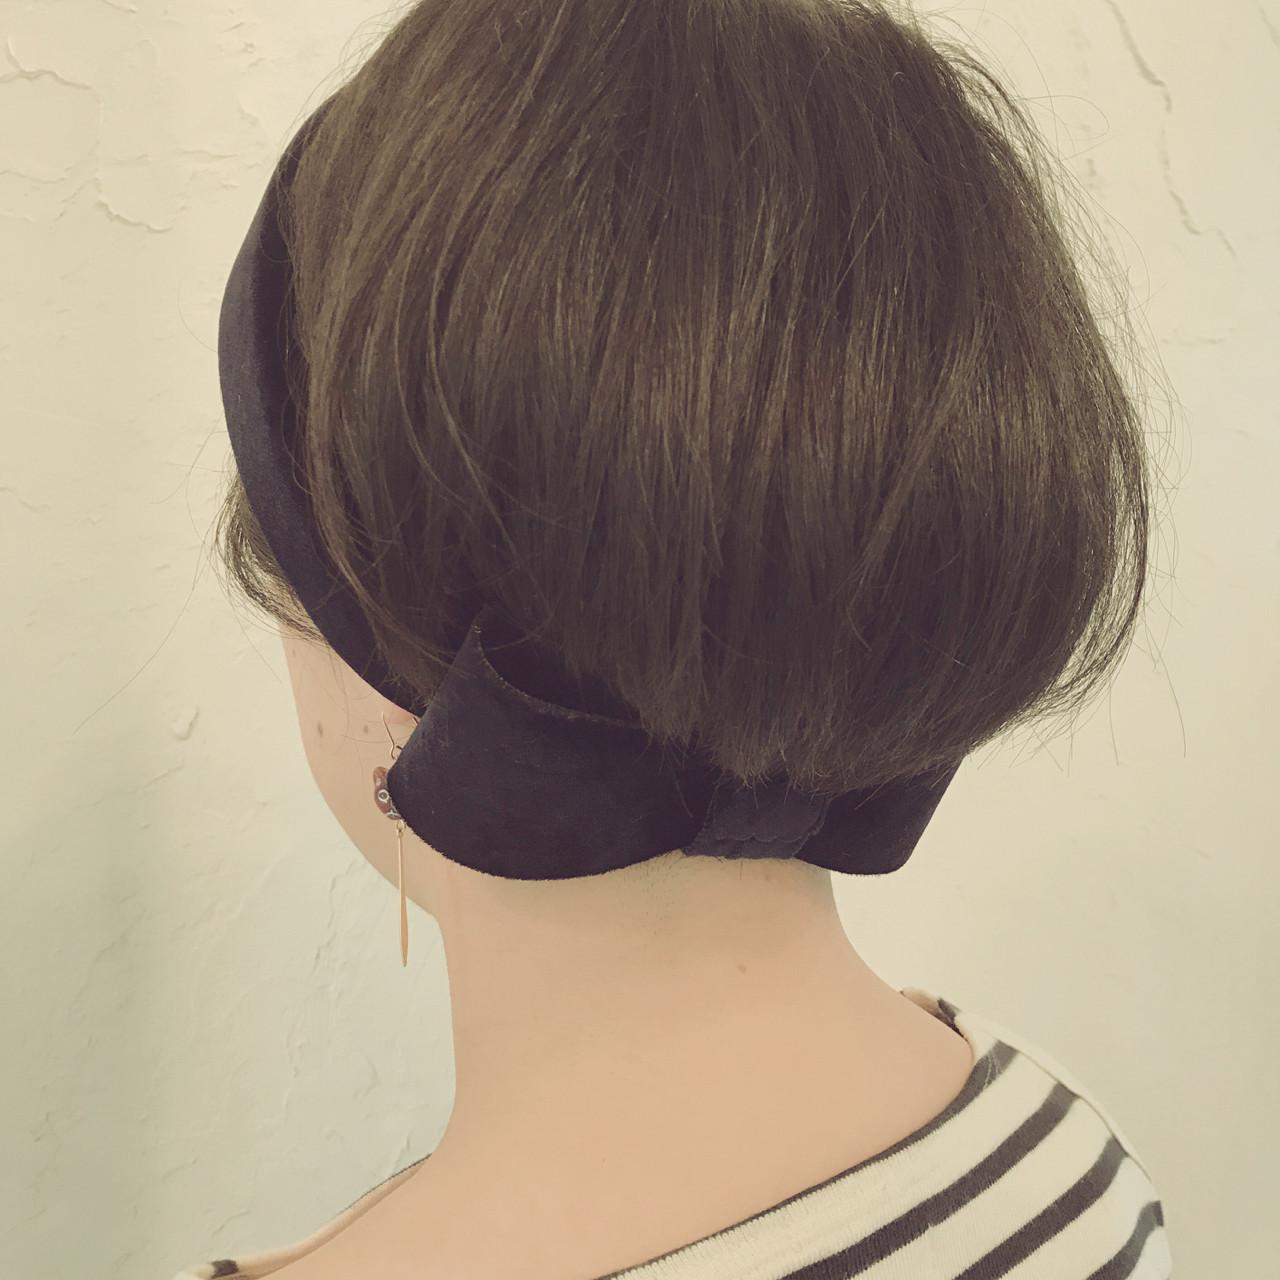 ヘアバンドを取り入れて、シーン選ばすグッとオシャレな髪型に♡ kaori